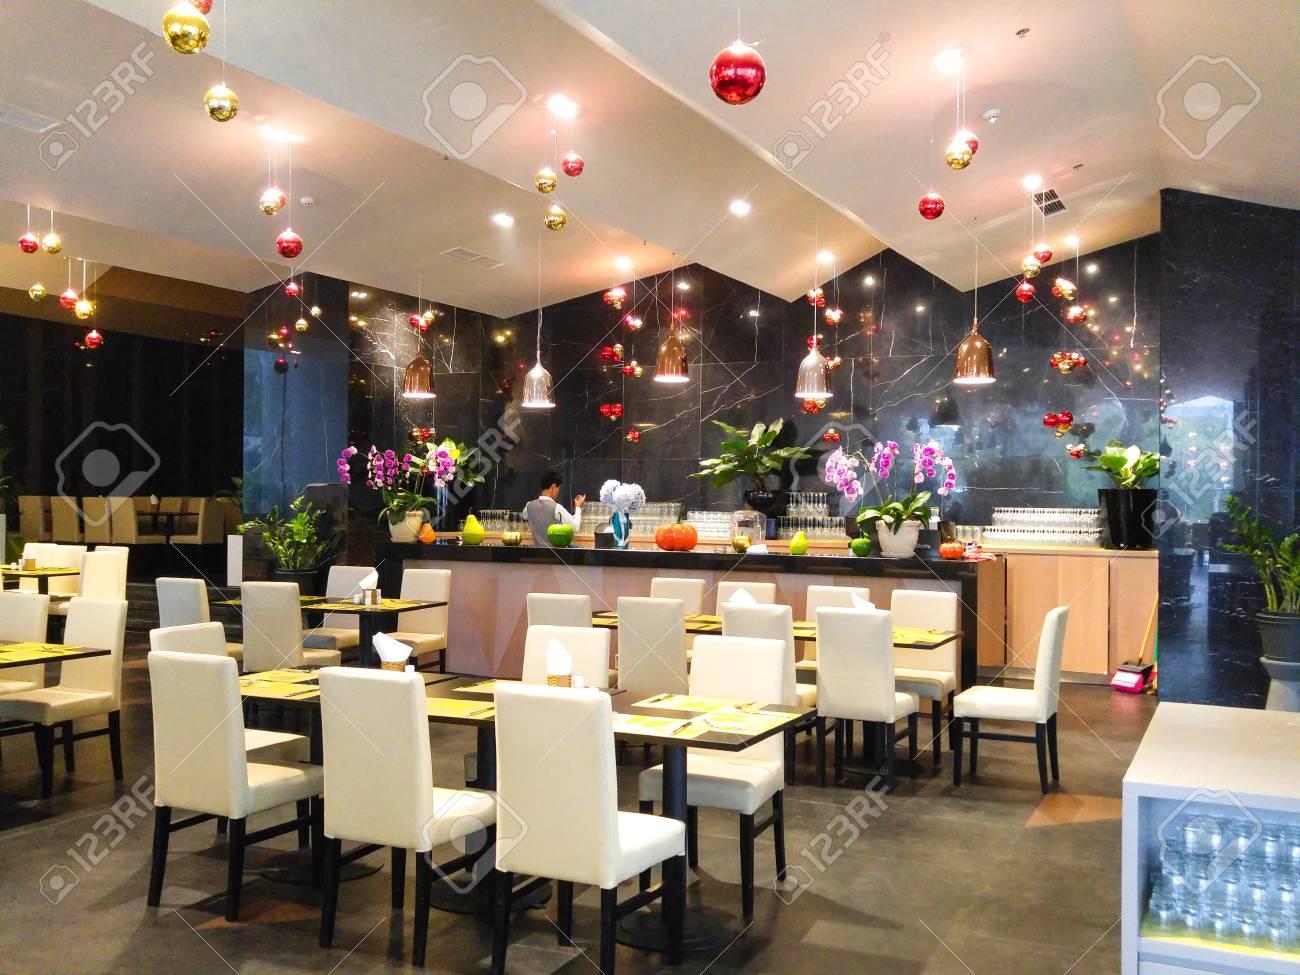 Decoration De Salle Pour Nouvel An dalat ville, vietnam - 31 décembre, 2015: les tables étaient déjà préparé  pour la salle à partie à accueillir le nouvel an dans un restaurant de luxe